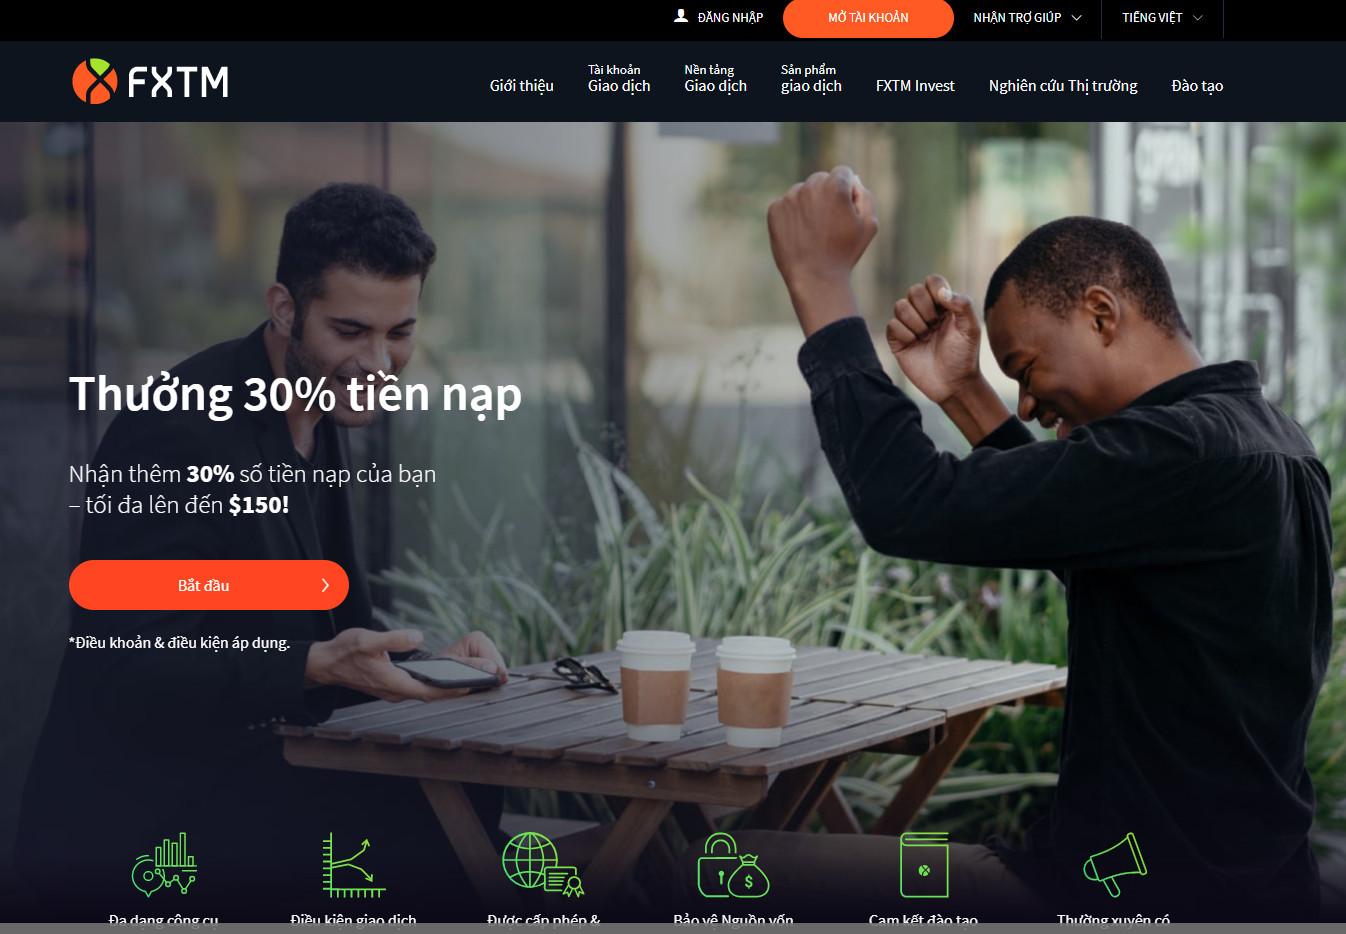 Forextime (FXTM) Là Gì? Sàn Giao Dịch Forex Uy Tín? - Topbrokervn.com